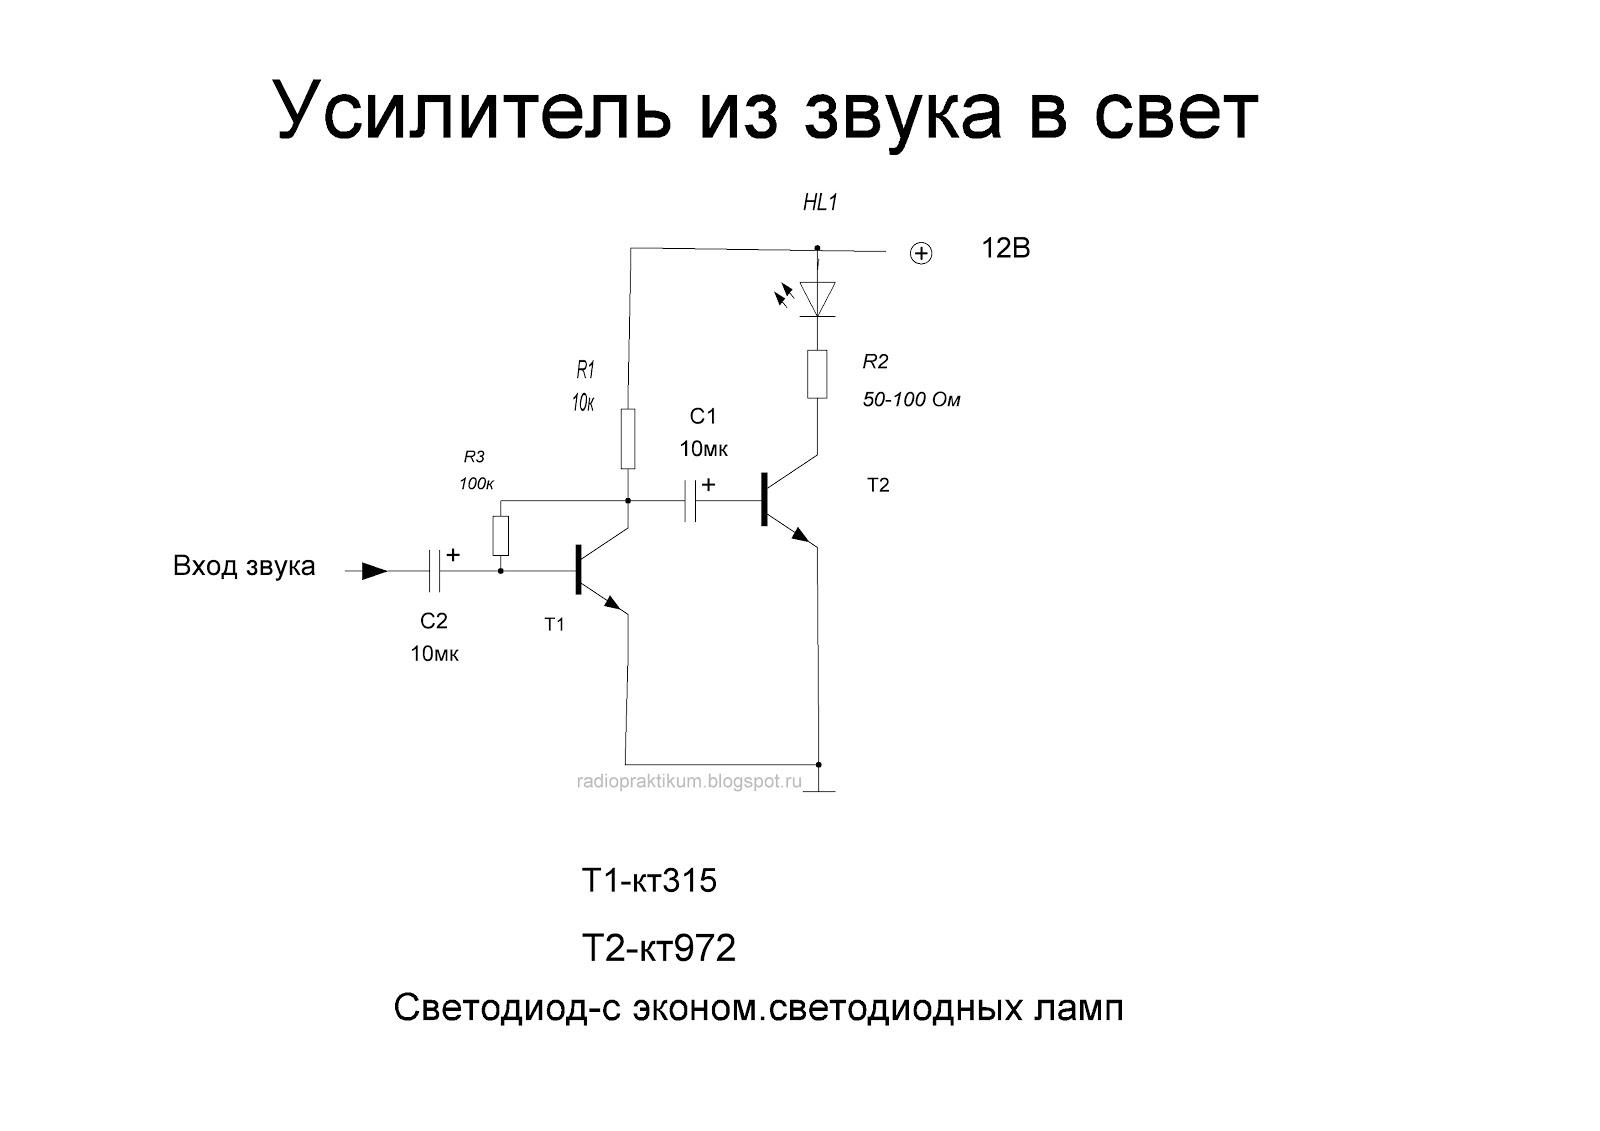 увлечь усилитель фотодиода на транзисторе ловить